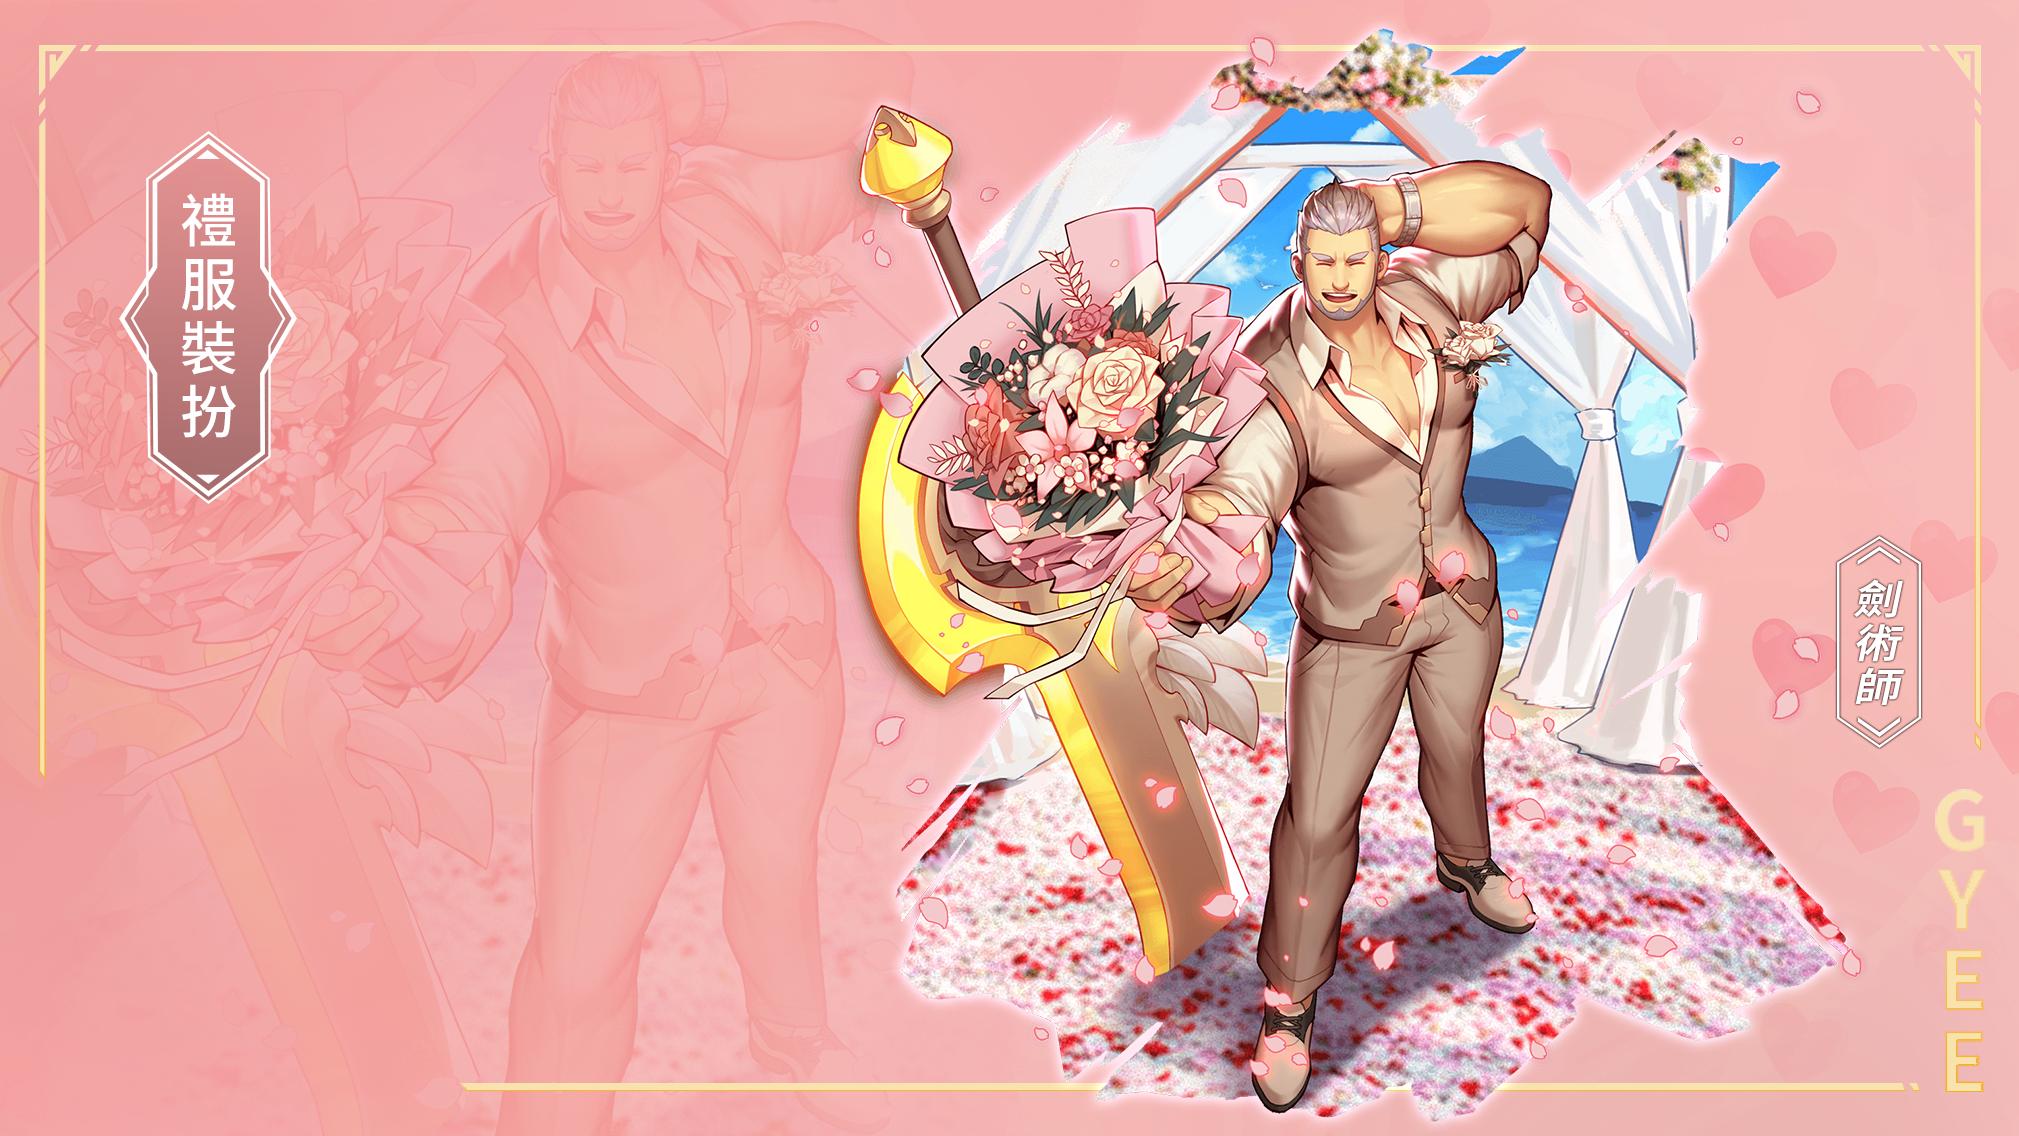 4月23日更新公告:2周年慶、新蓋伊空、靈體禮服裝扮-【皮肤】剑术师-礼服装扮-横板-繁体.png